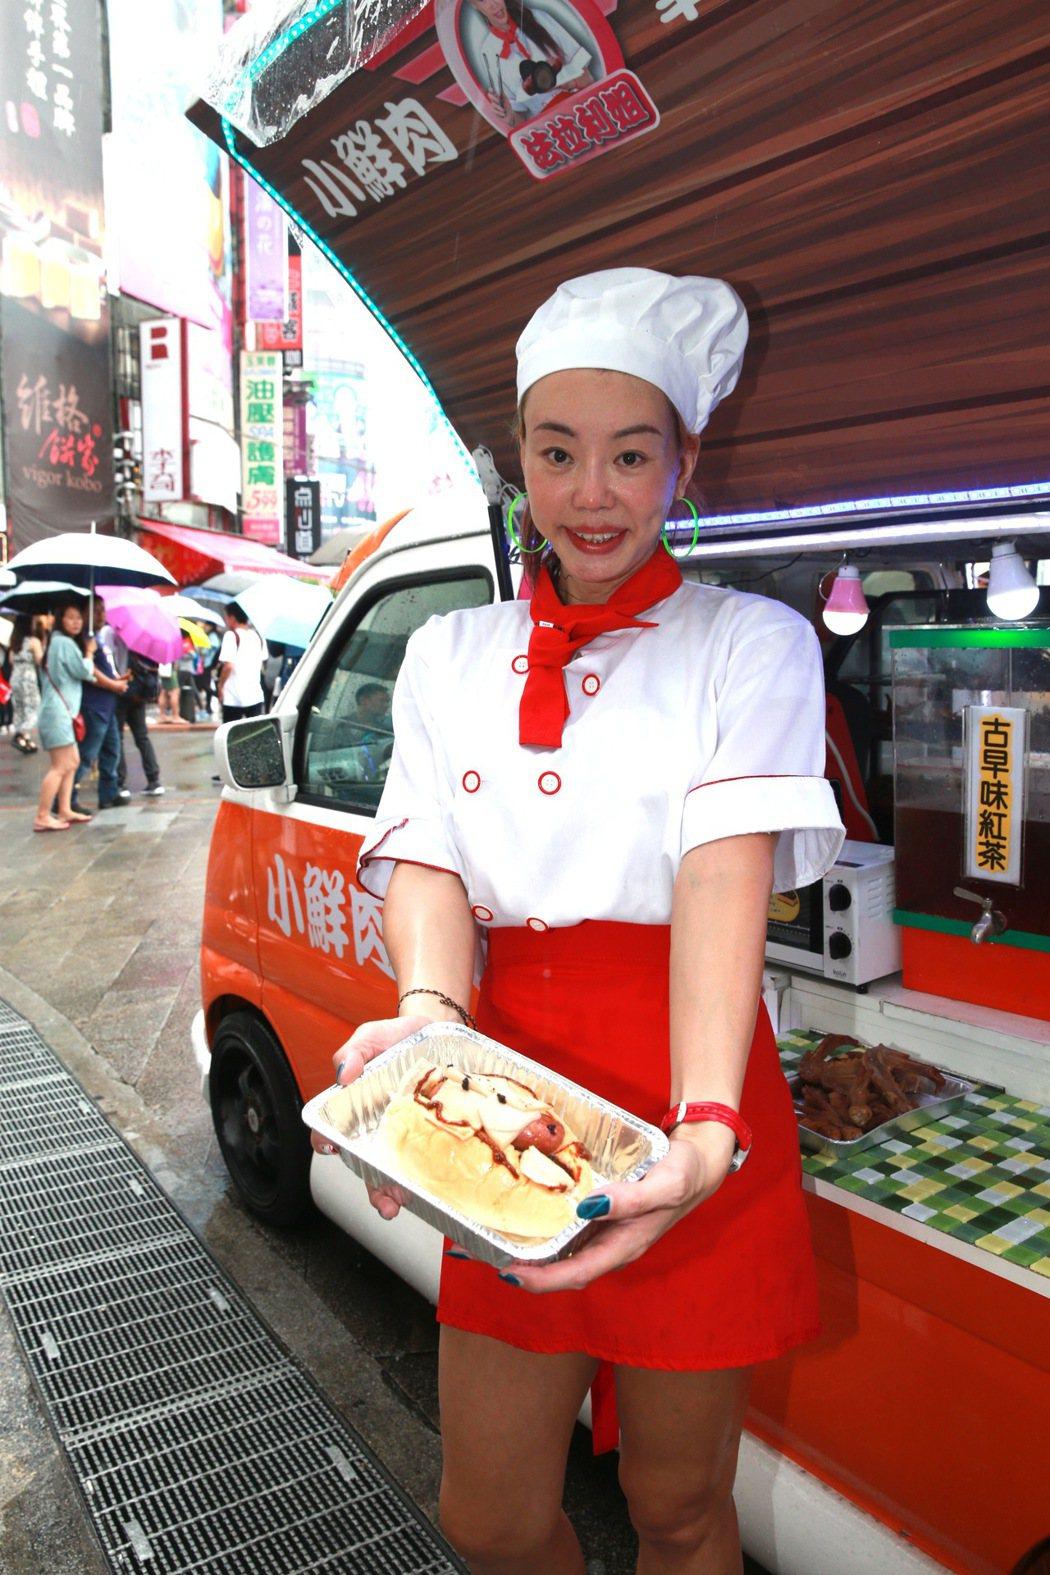 「法拉利姐」張婷婷開著「胖卡-小鮮肉幸福餐車」在西門町捷運站口賣起「黑鮑魚包香腸...